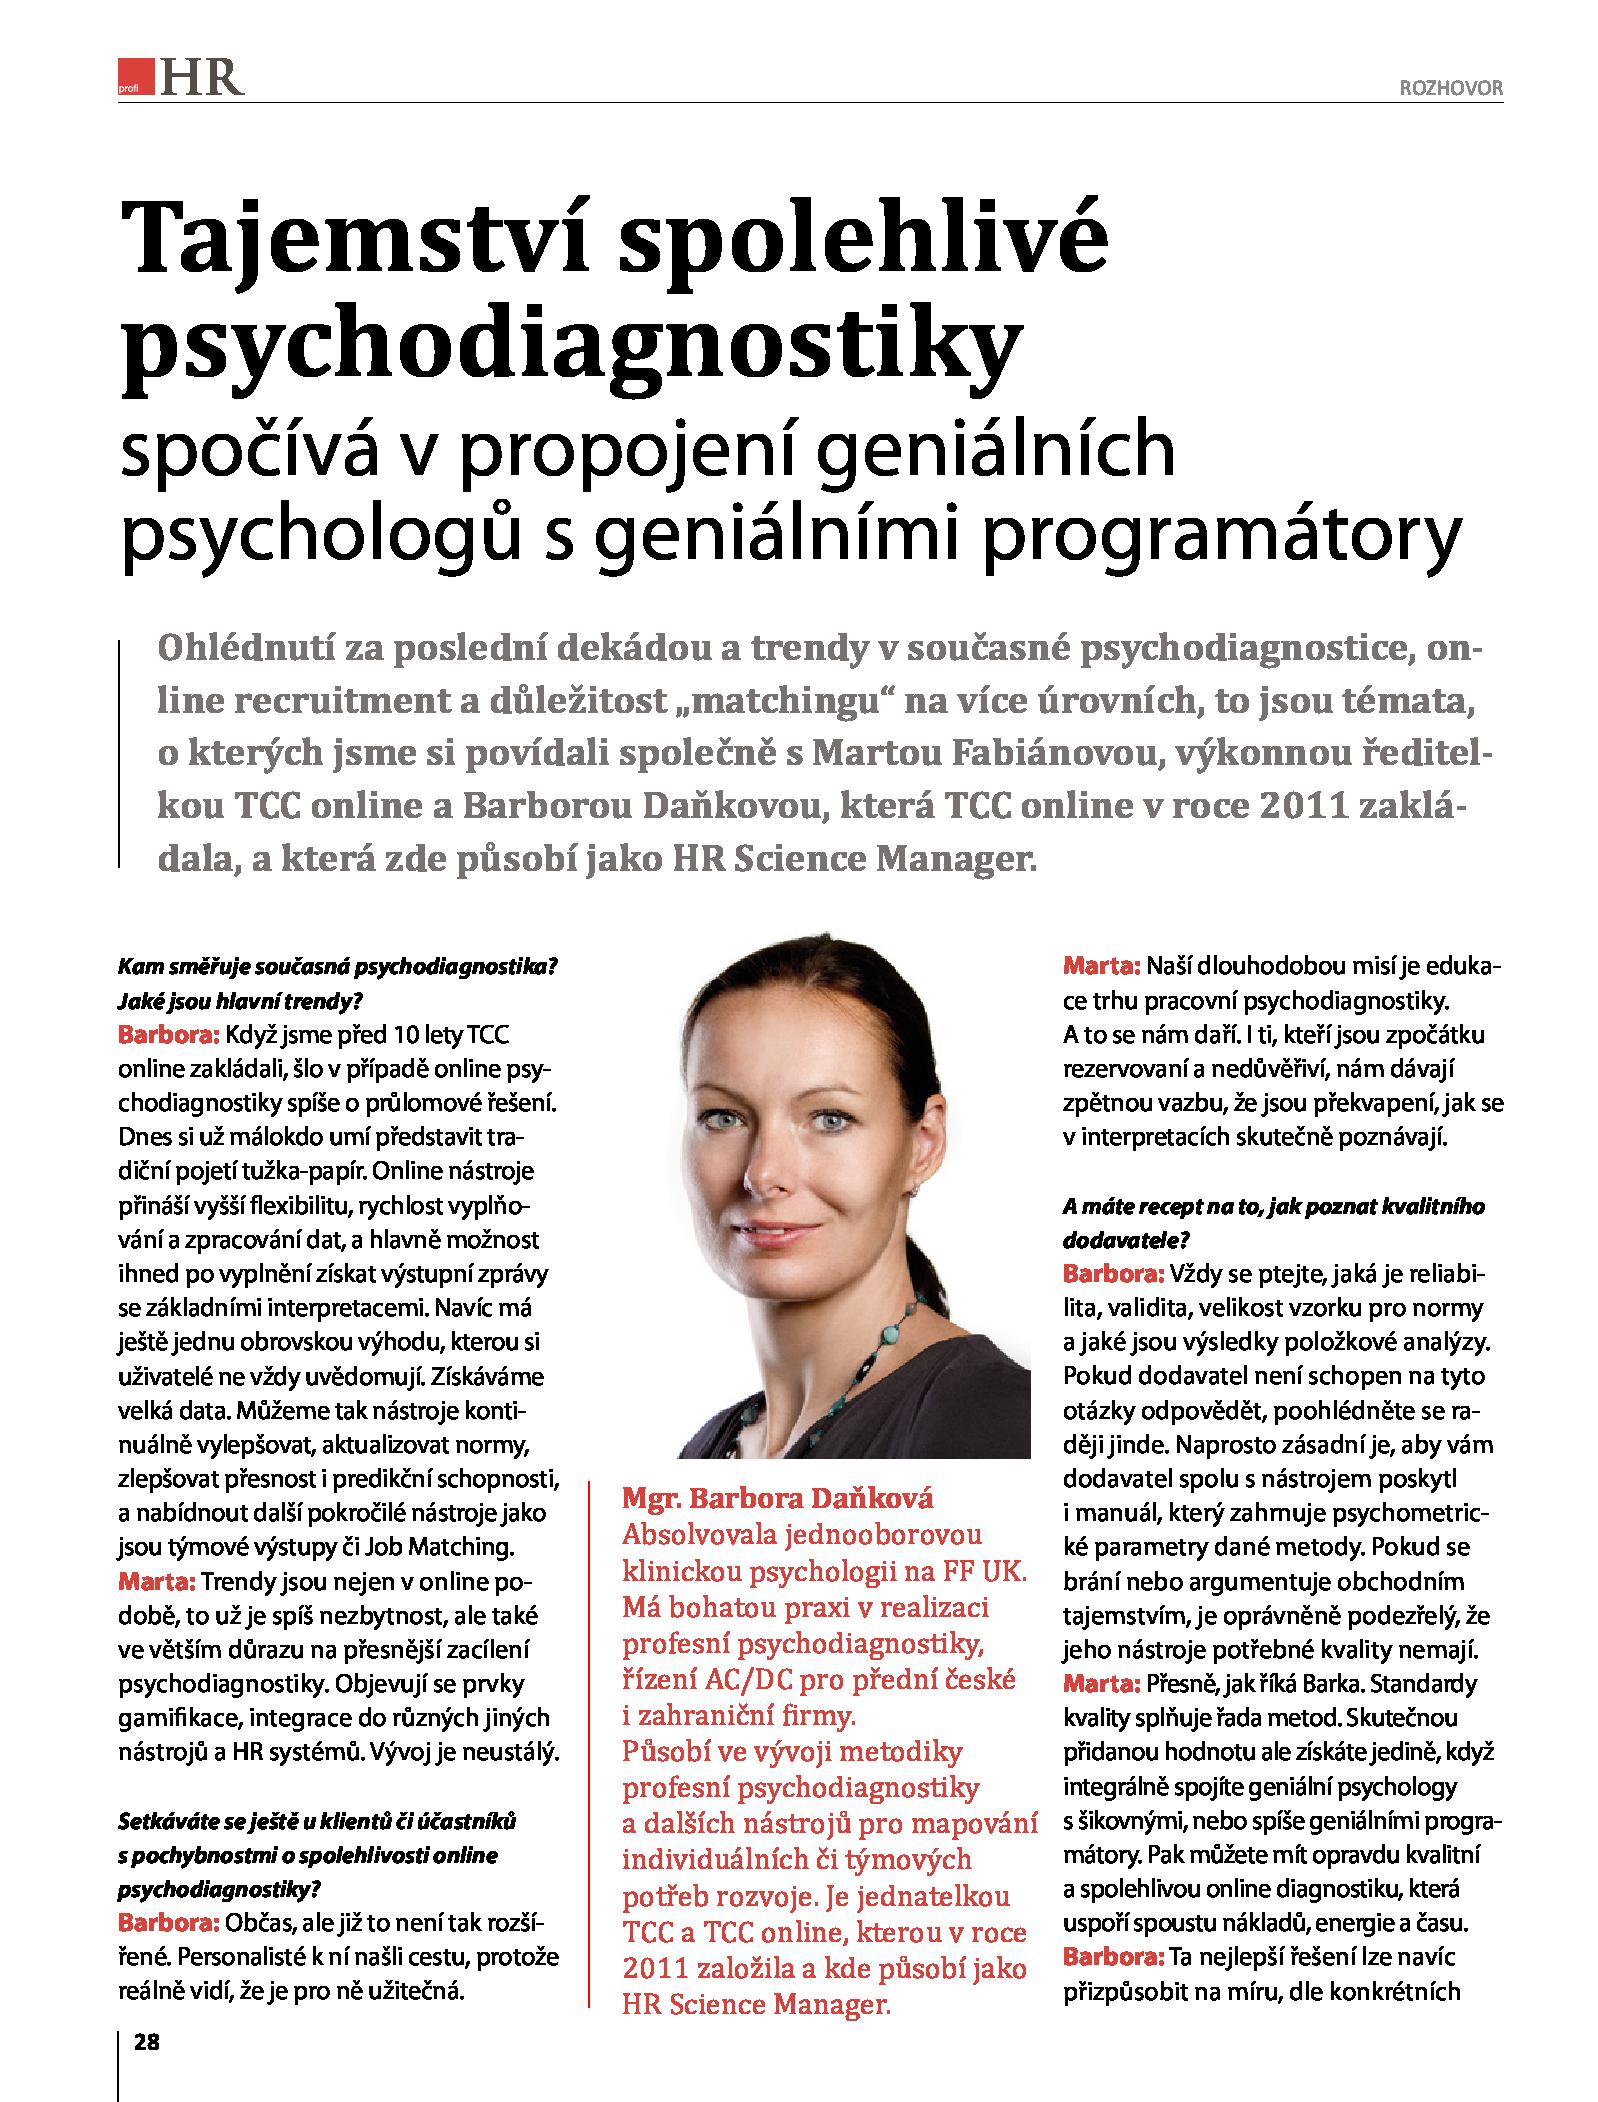 Článek v Profi HR_str. 28